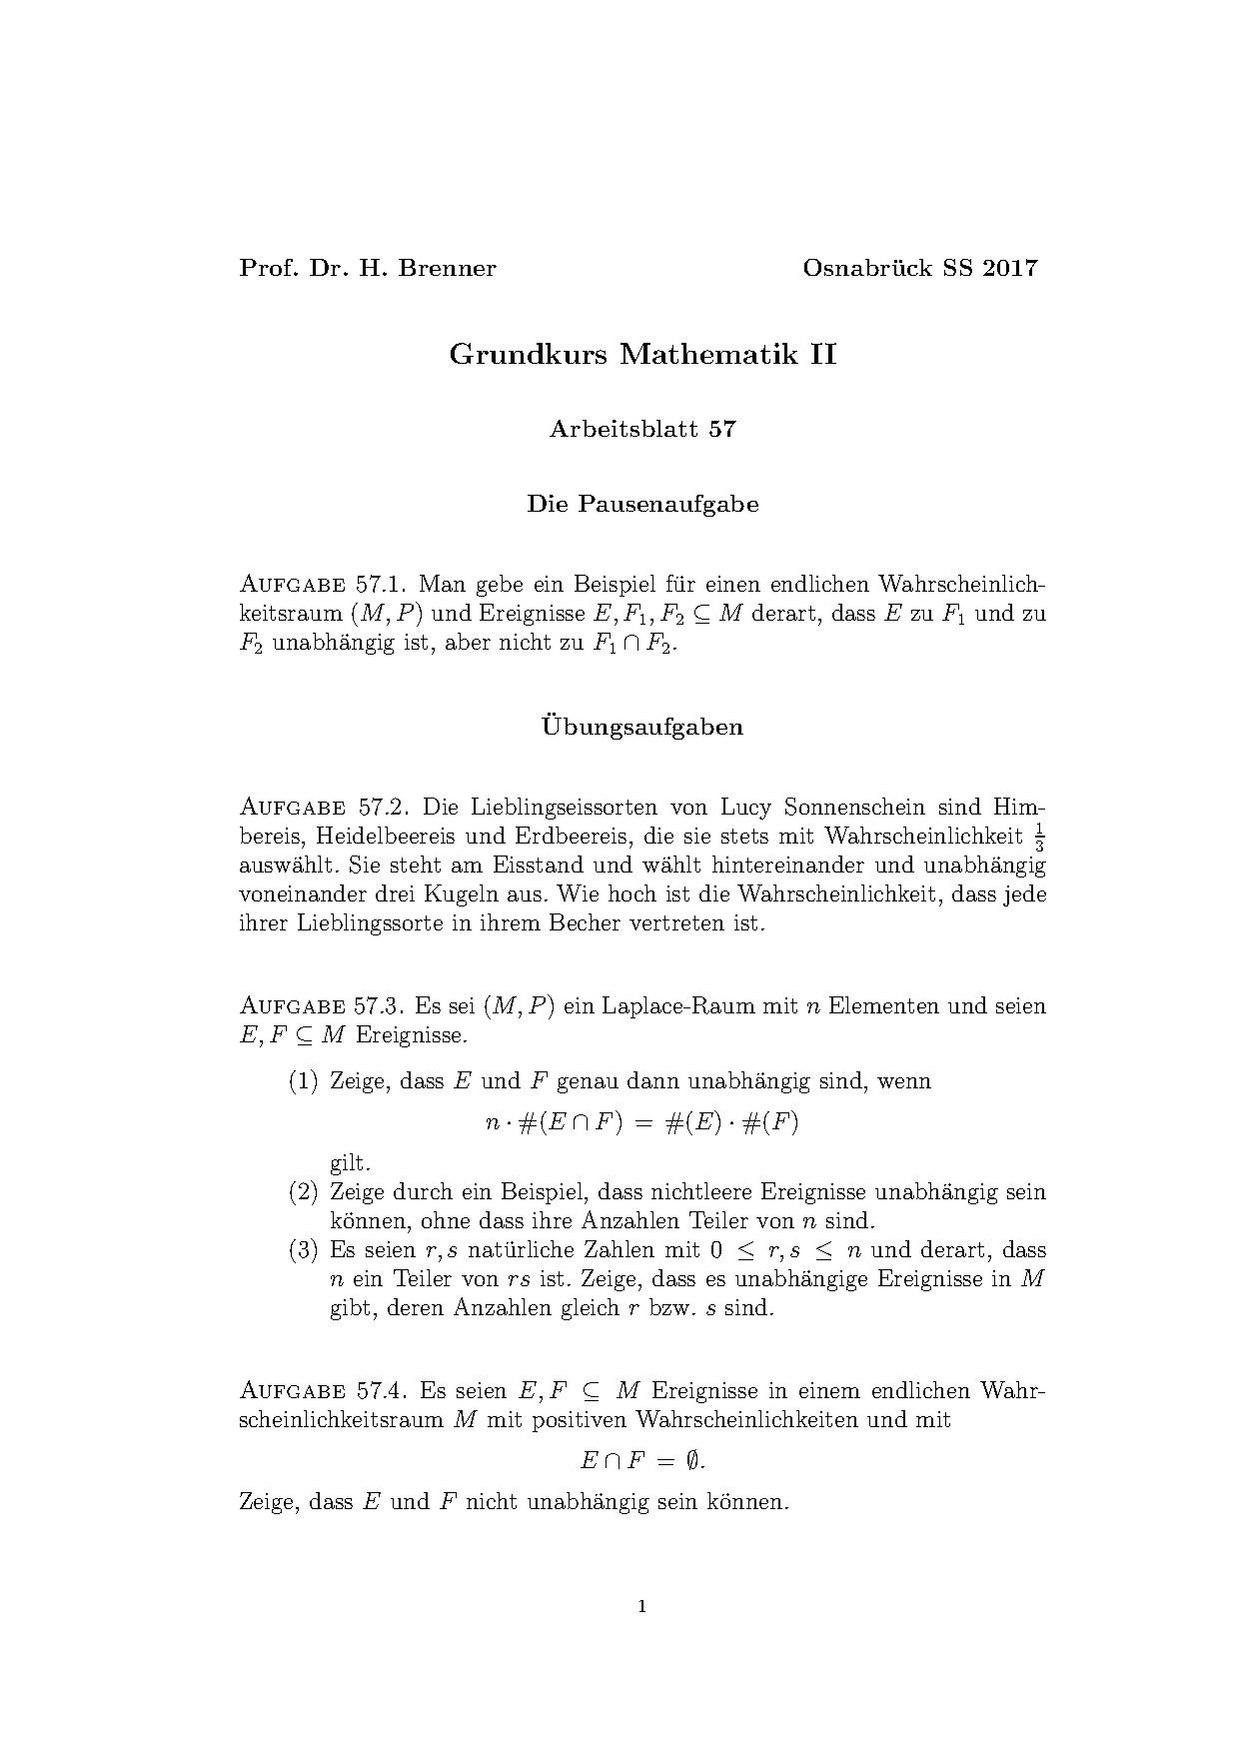 Fantastisch Sonnenschein Mathe Arbeitsblatt Fotos - Arbeitsblatt ...